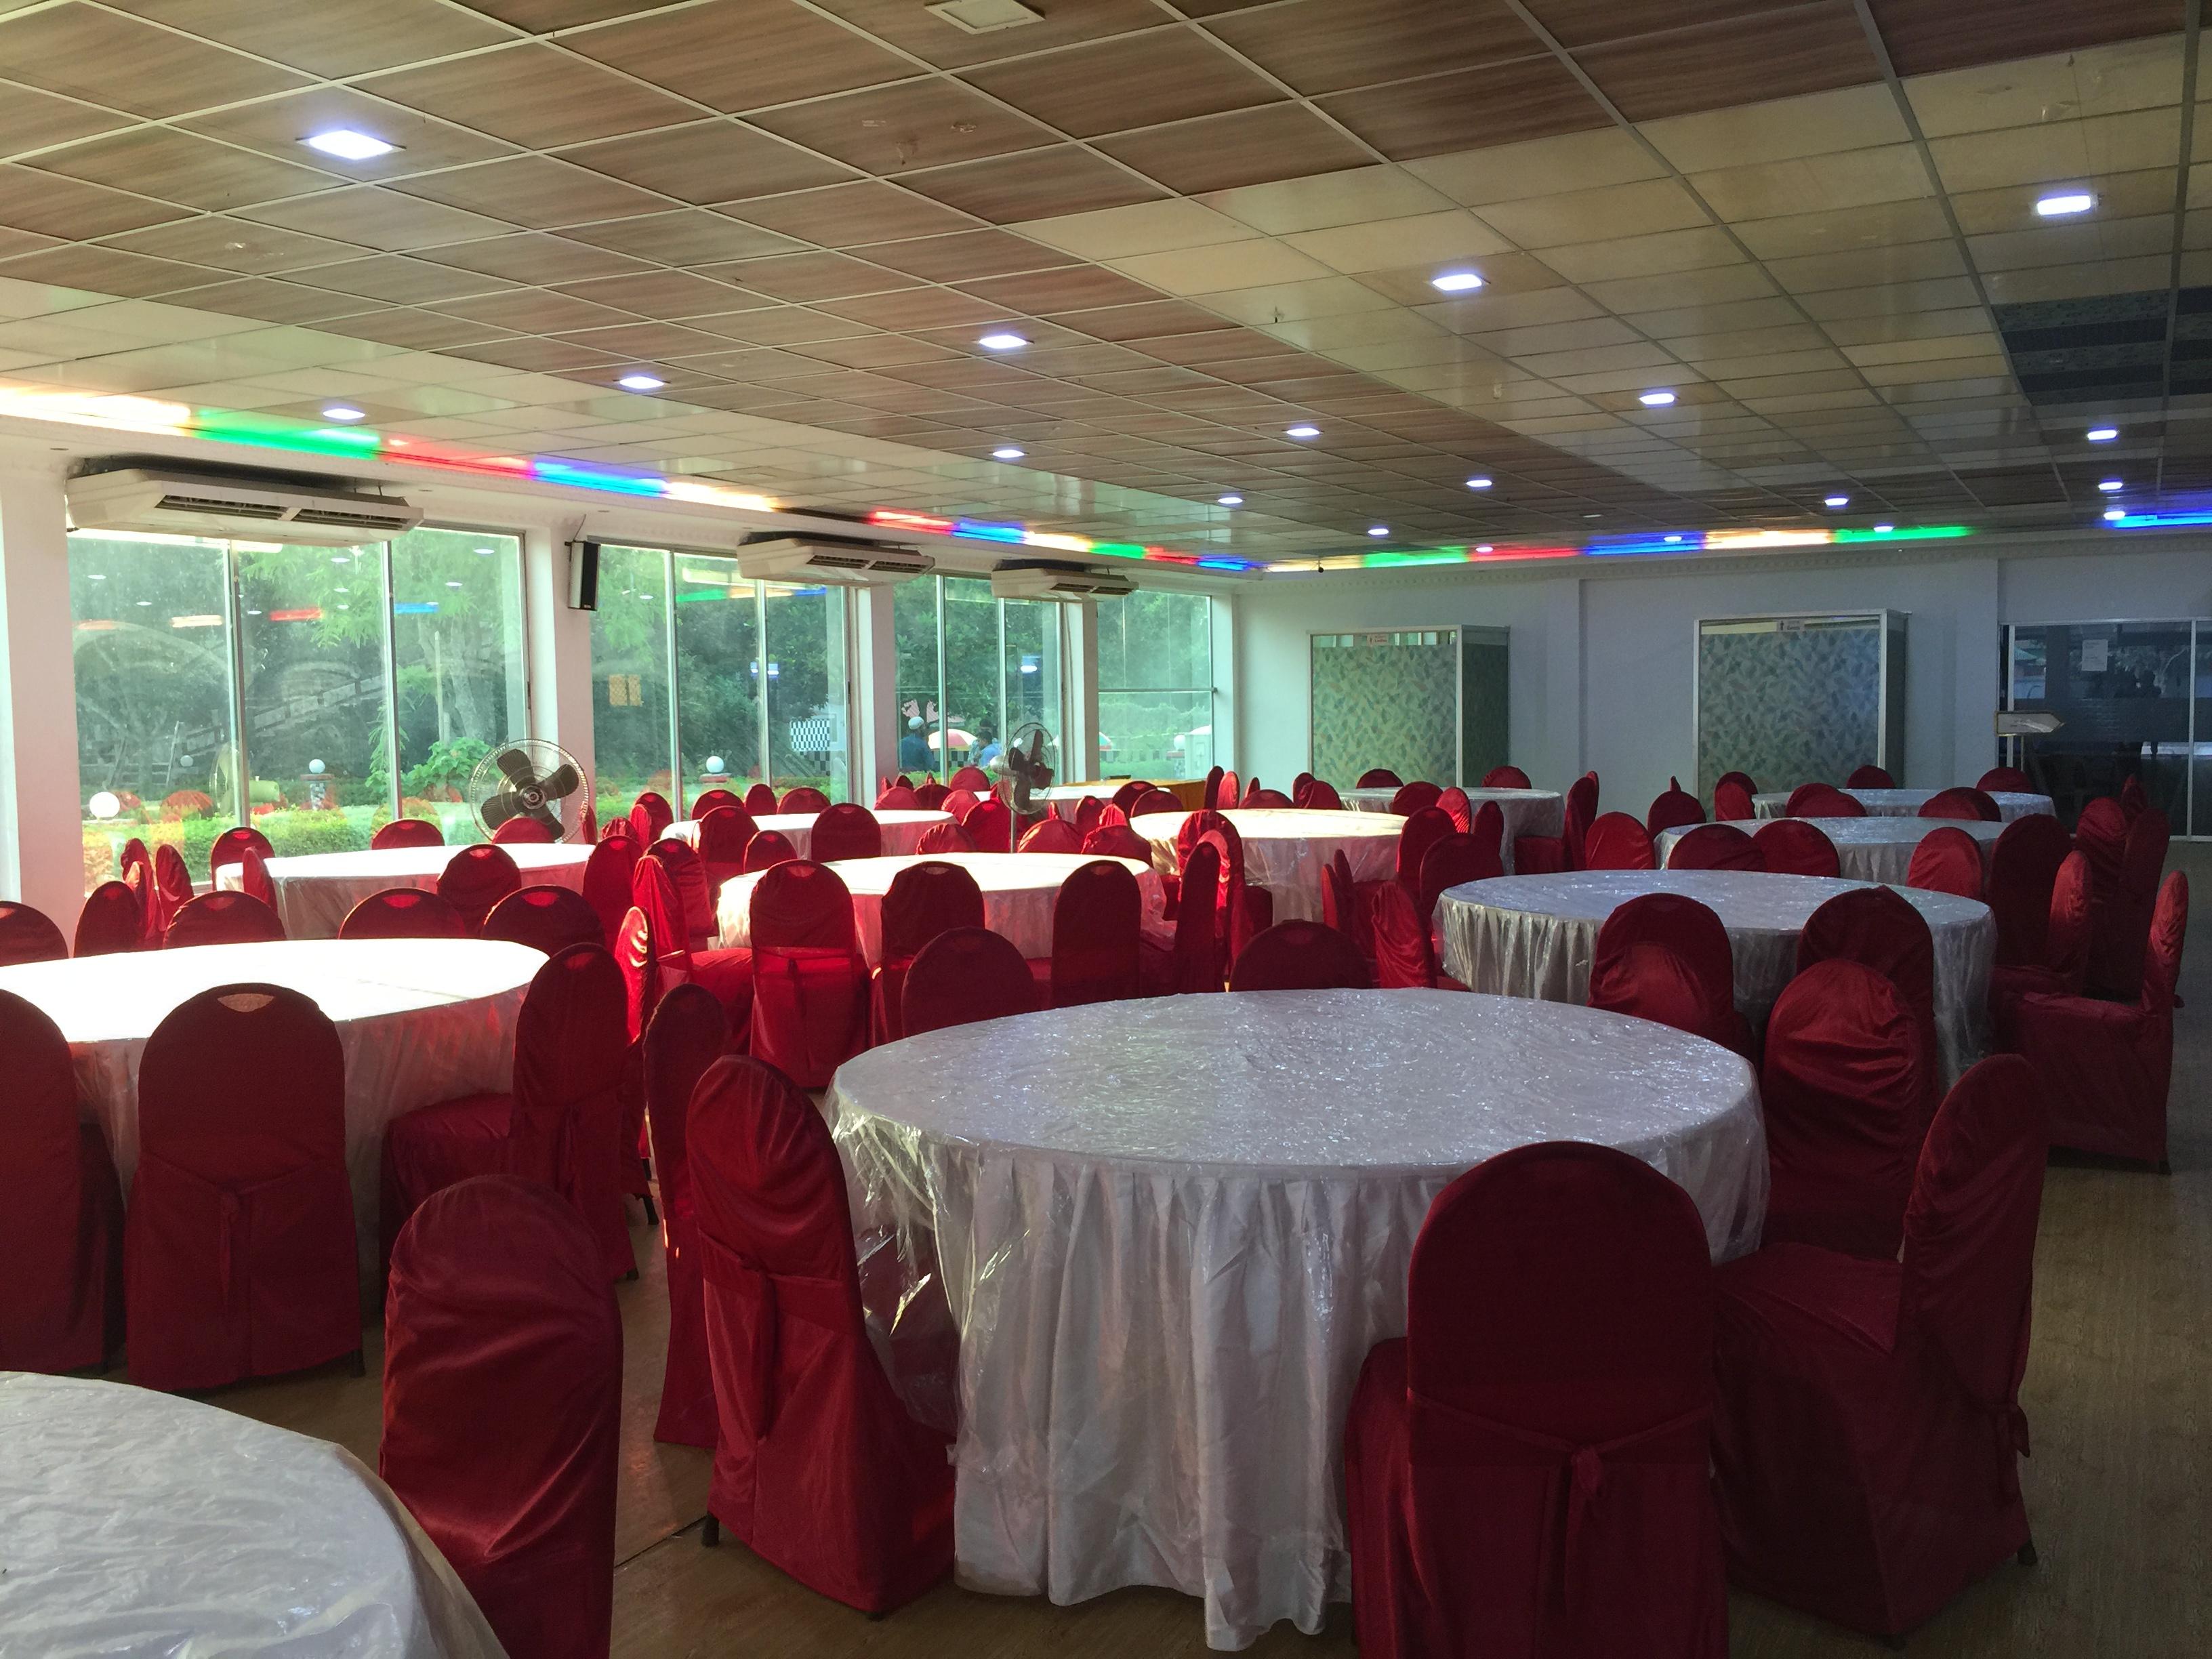 Meghbari Hall Room